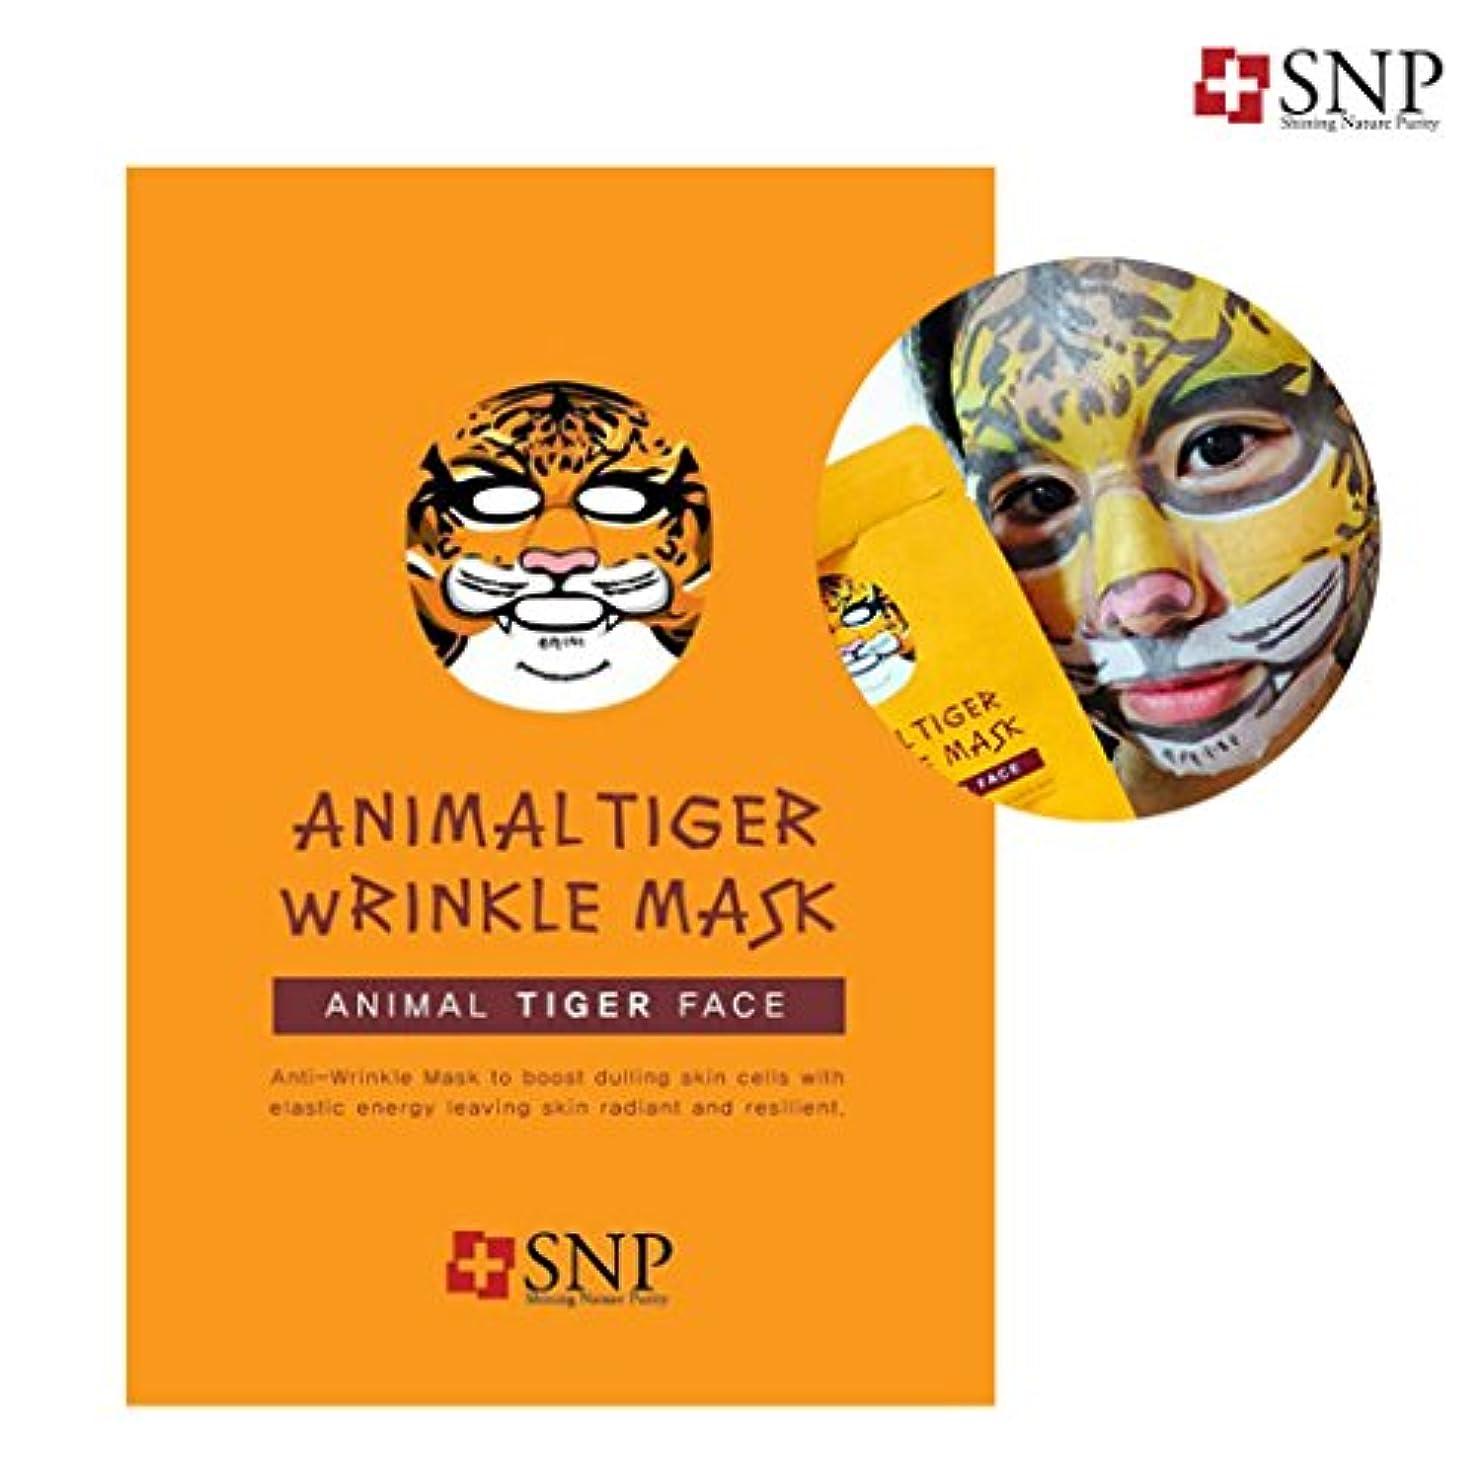 参照する扇動する無視できるSNP アニマル タイガーリンクルマスク10枚 / animal tiger wrinkle mask 10ea[海外直送品]